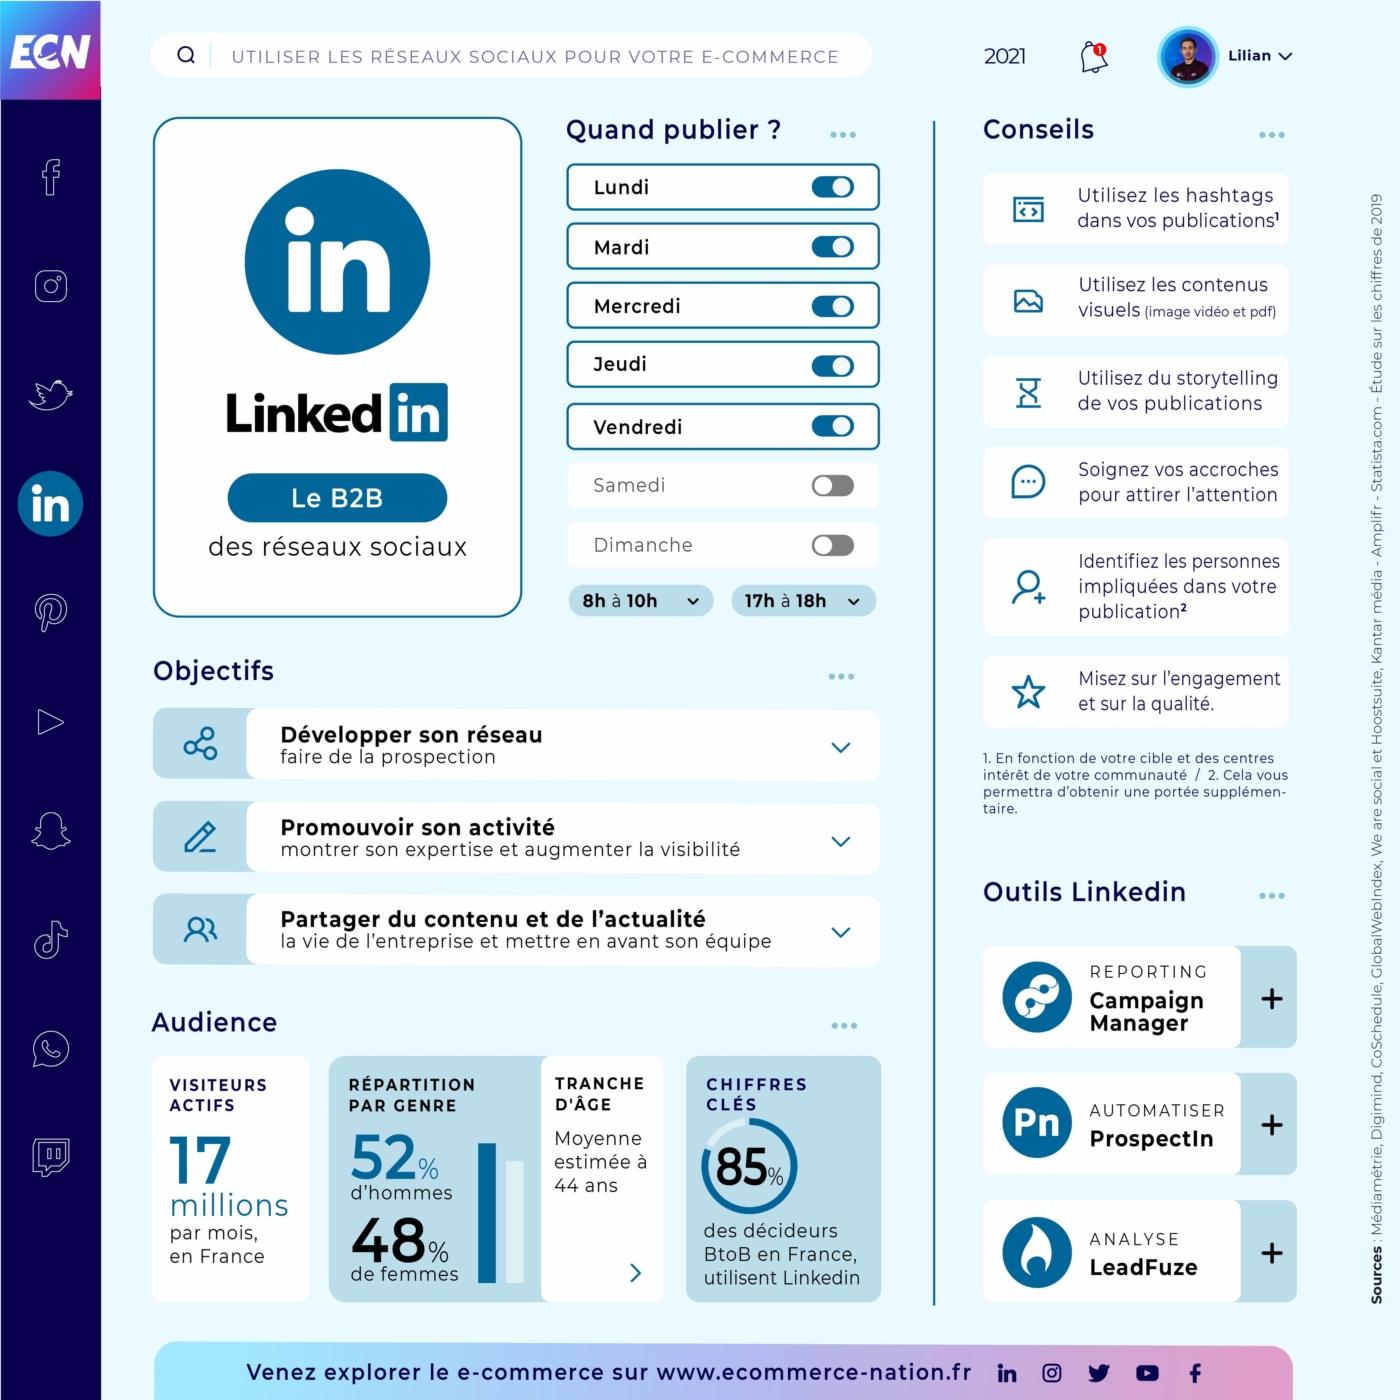 RampUP utiliser les reseaux-sociaux-pour vendre LInkedin 2021